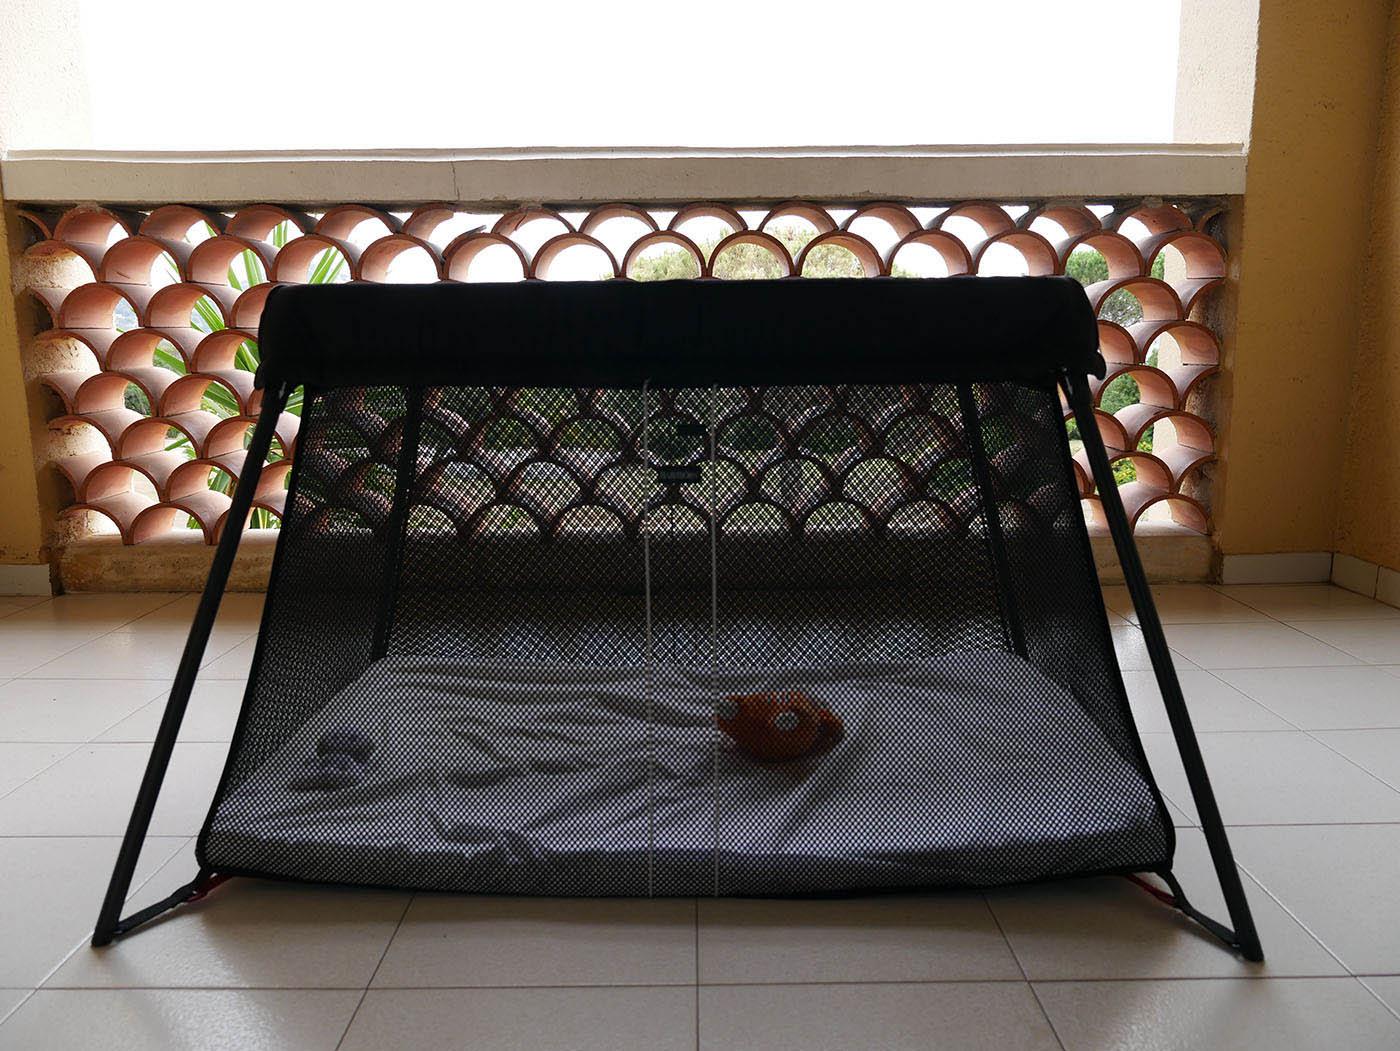 le lit parapluie le plus léger et confortable à mettre dans sa liste de naissance pour les achats bébé !